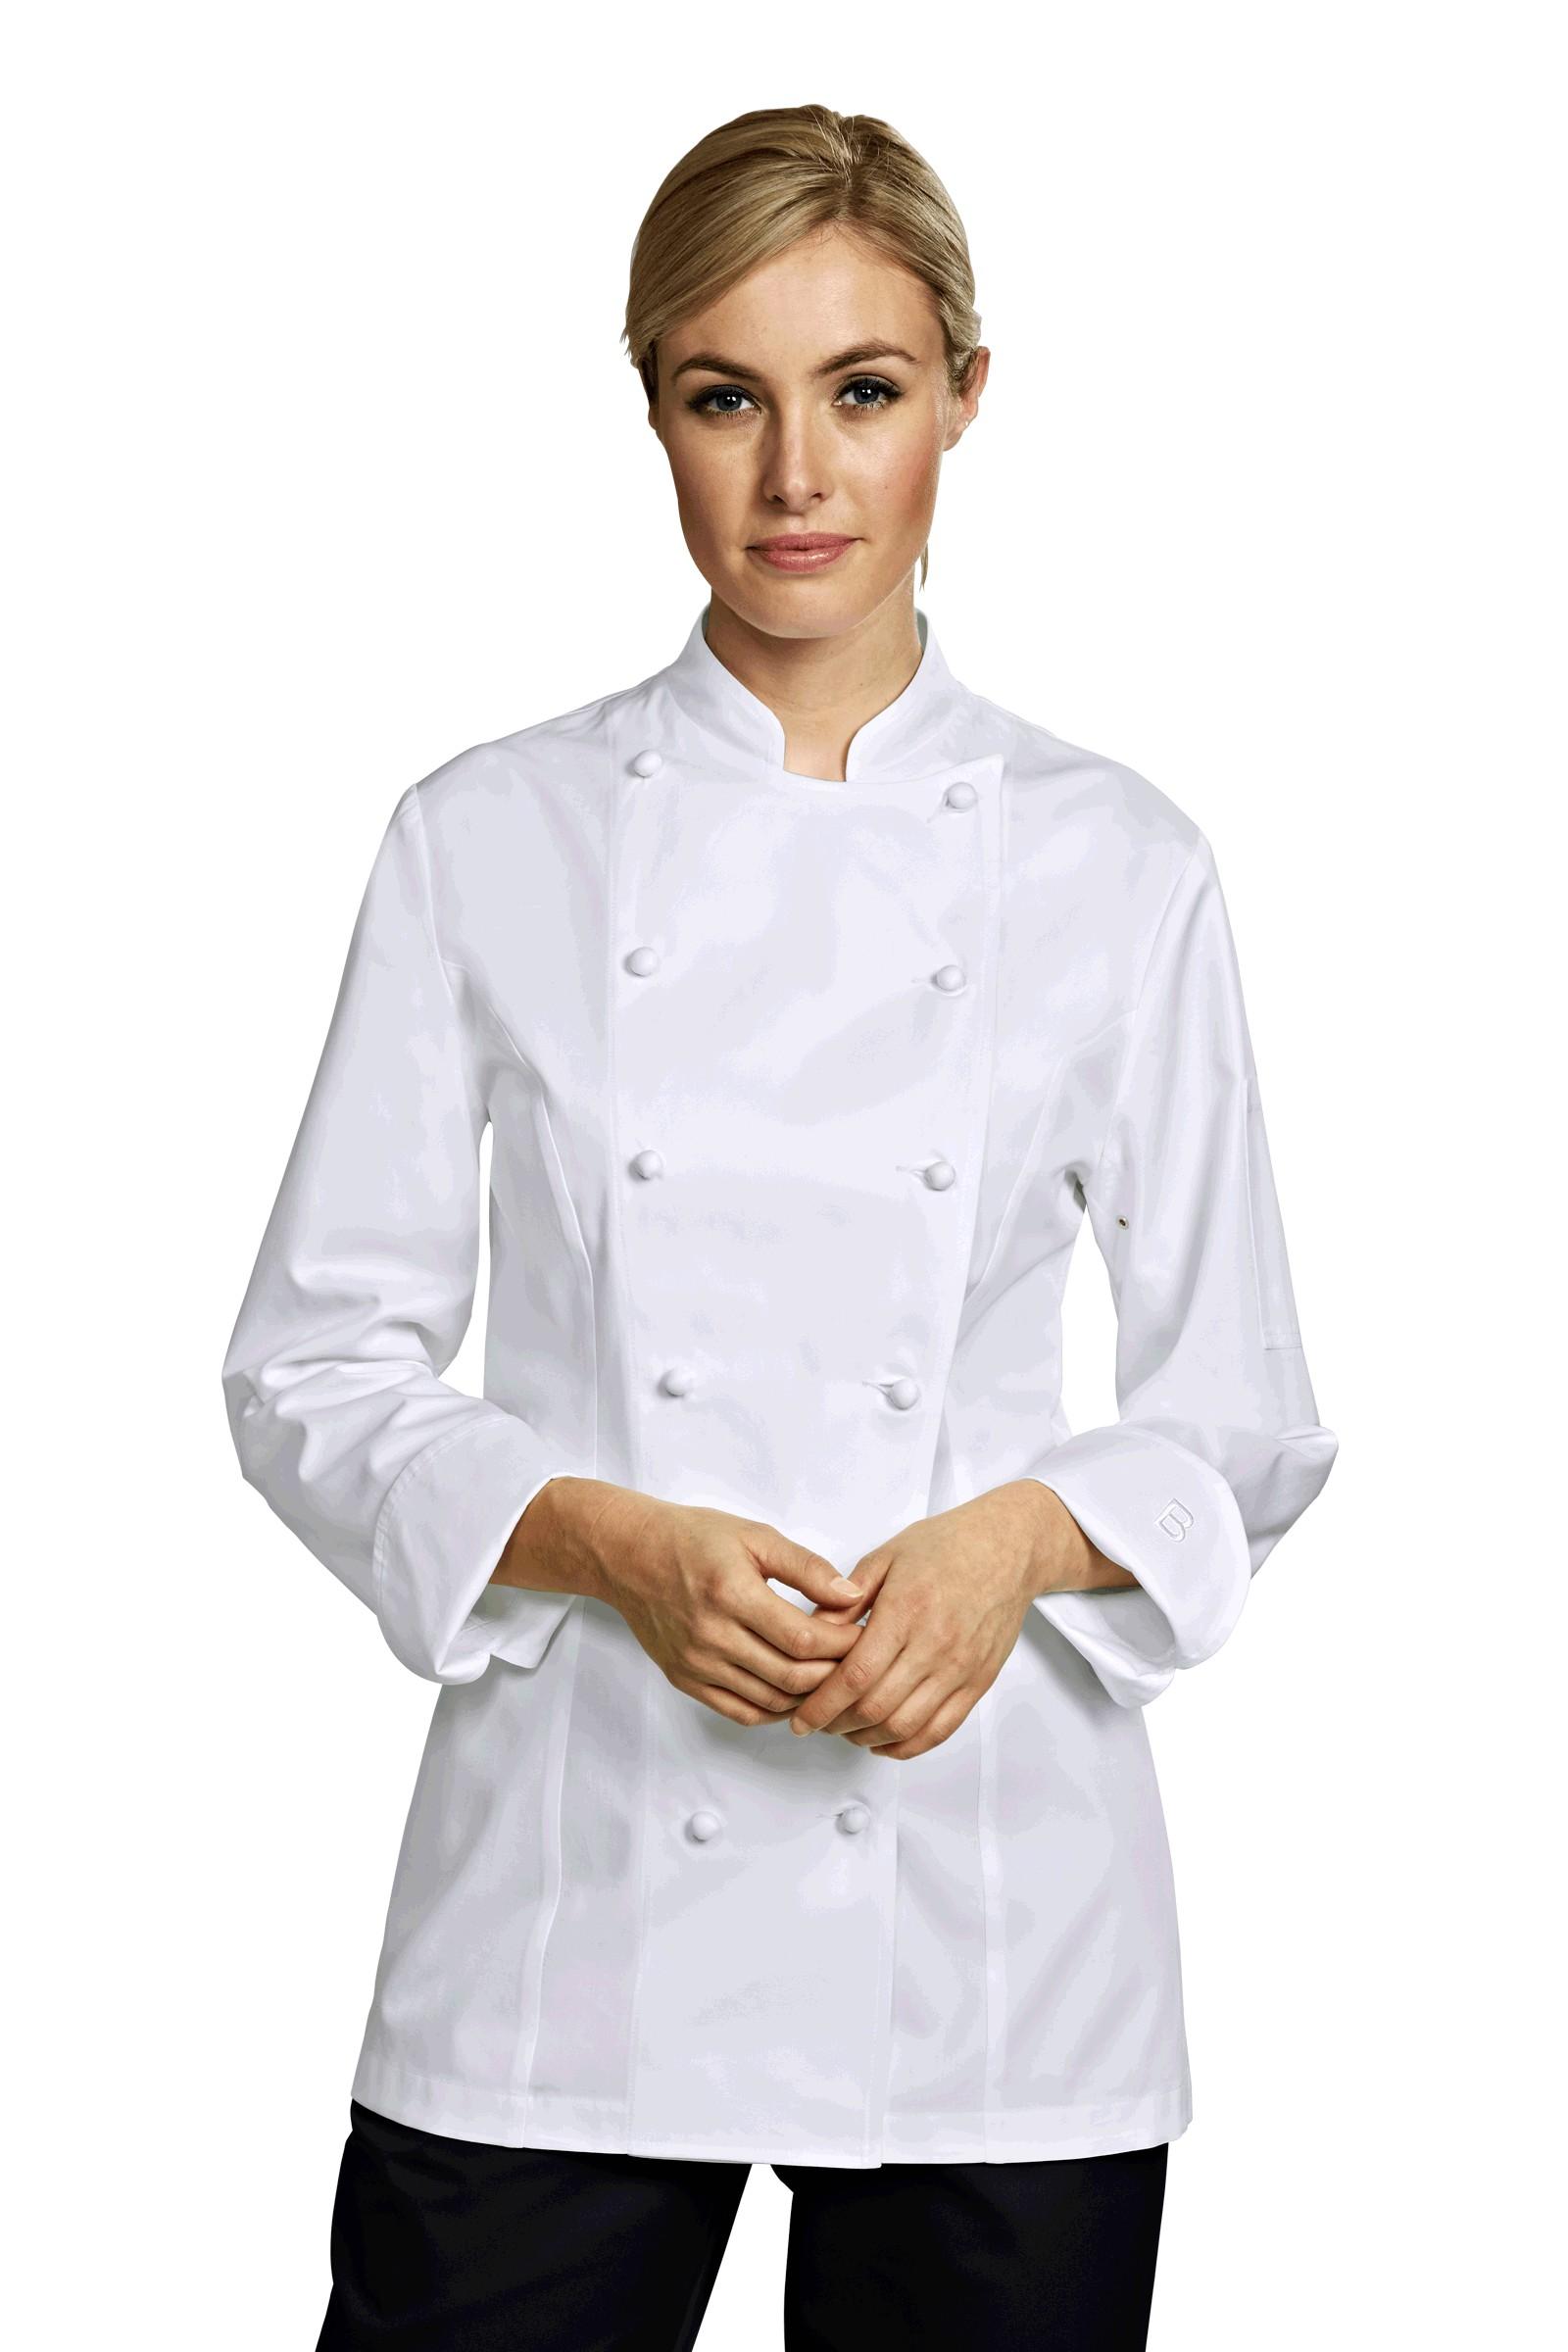 Chaquetillas de cocina grand chef lady blanco - Chaquetillas de cocina ...